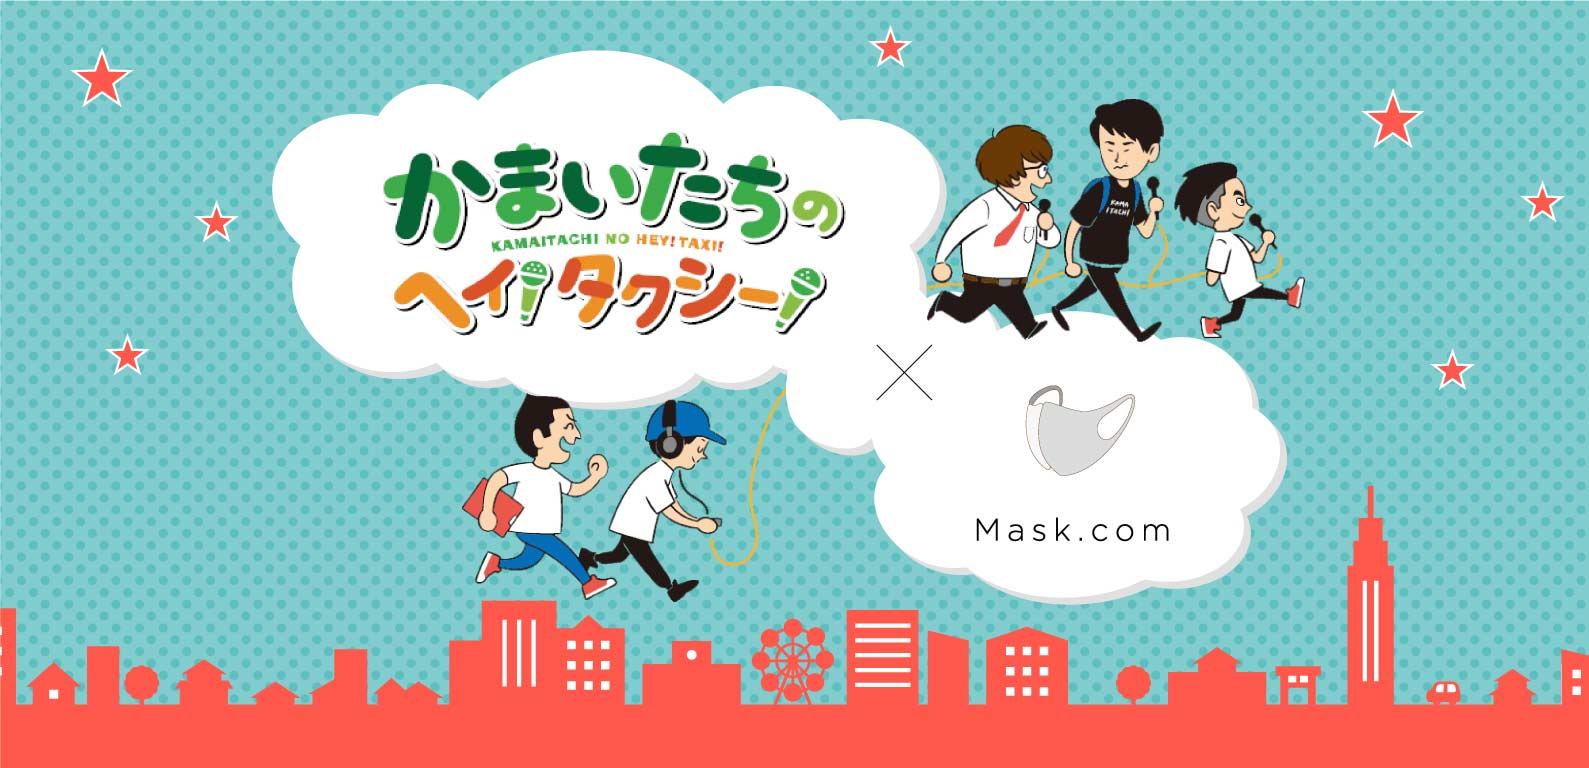 Mask.com × かまいたちのヘイ!タクシー!